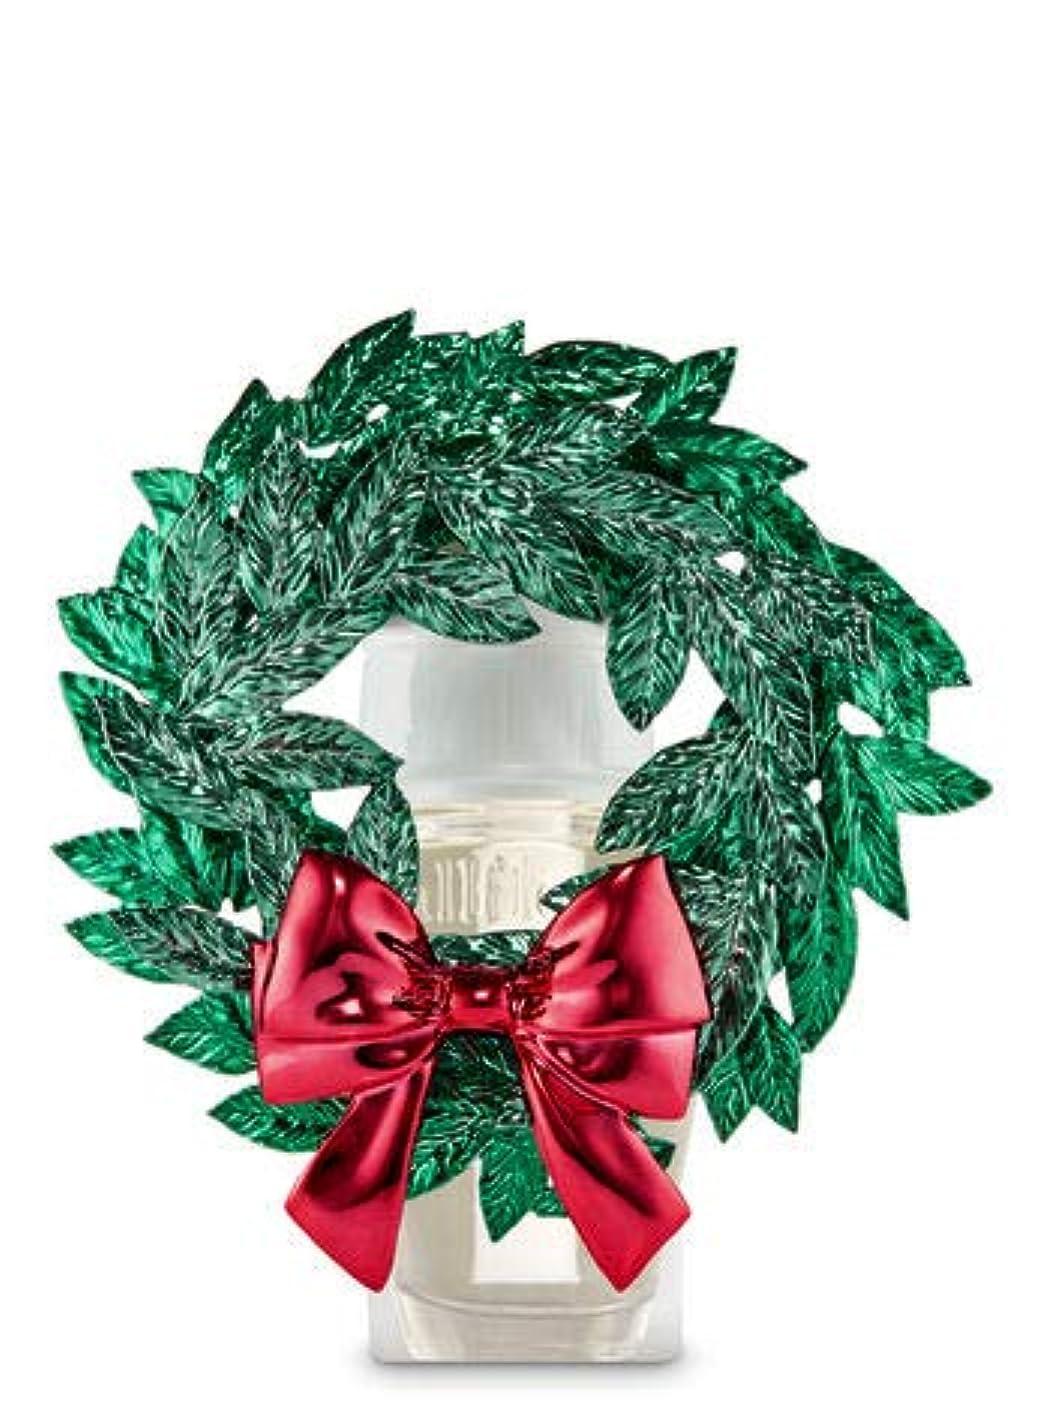 飼い慣らすそうでなければ勝つ【Bath&Body Works/バス&ボディワークス】 ルームフレグランス プラグインスターター (本体のみ) マグノリアリース Wallflowers Fragrance Plug Magnolia Wreath [並行輸入品]